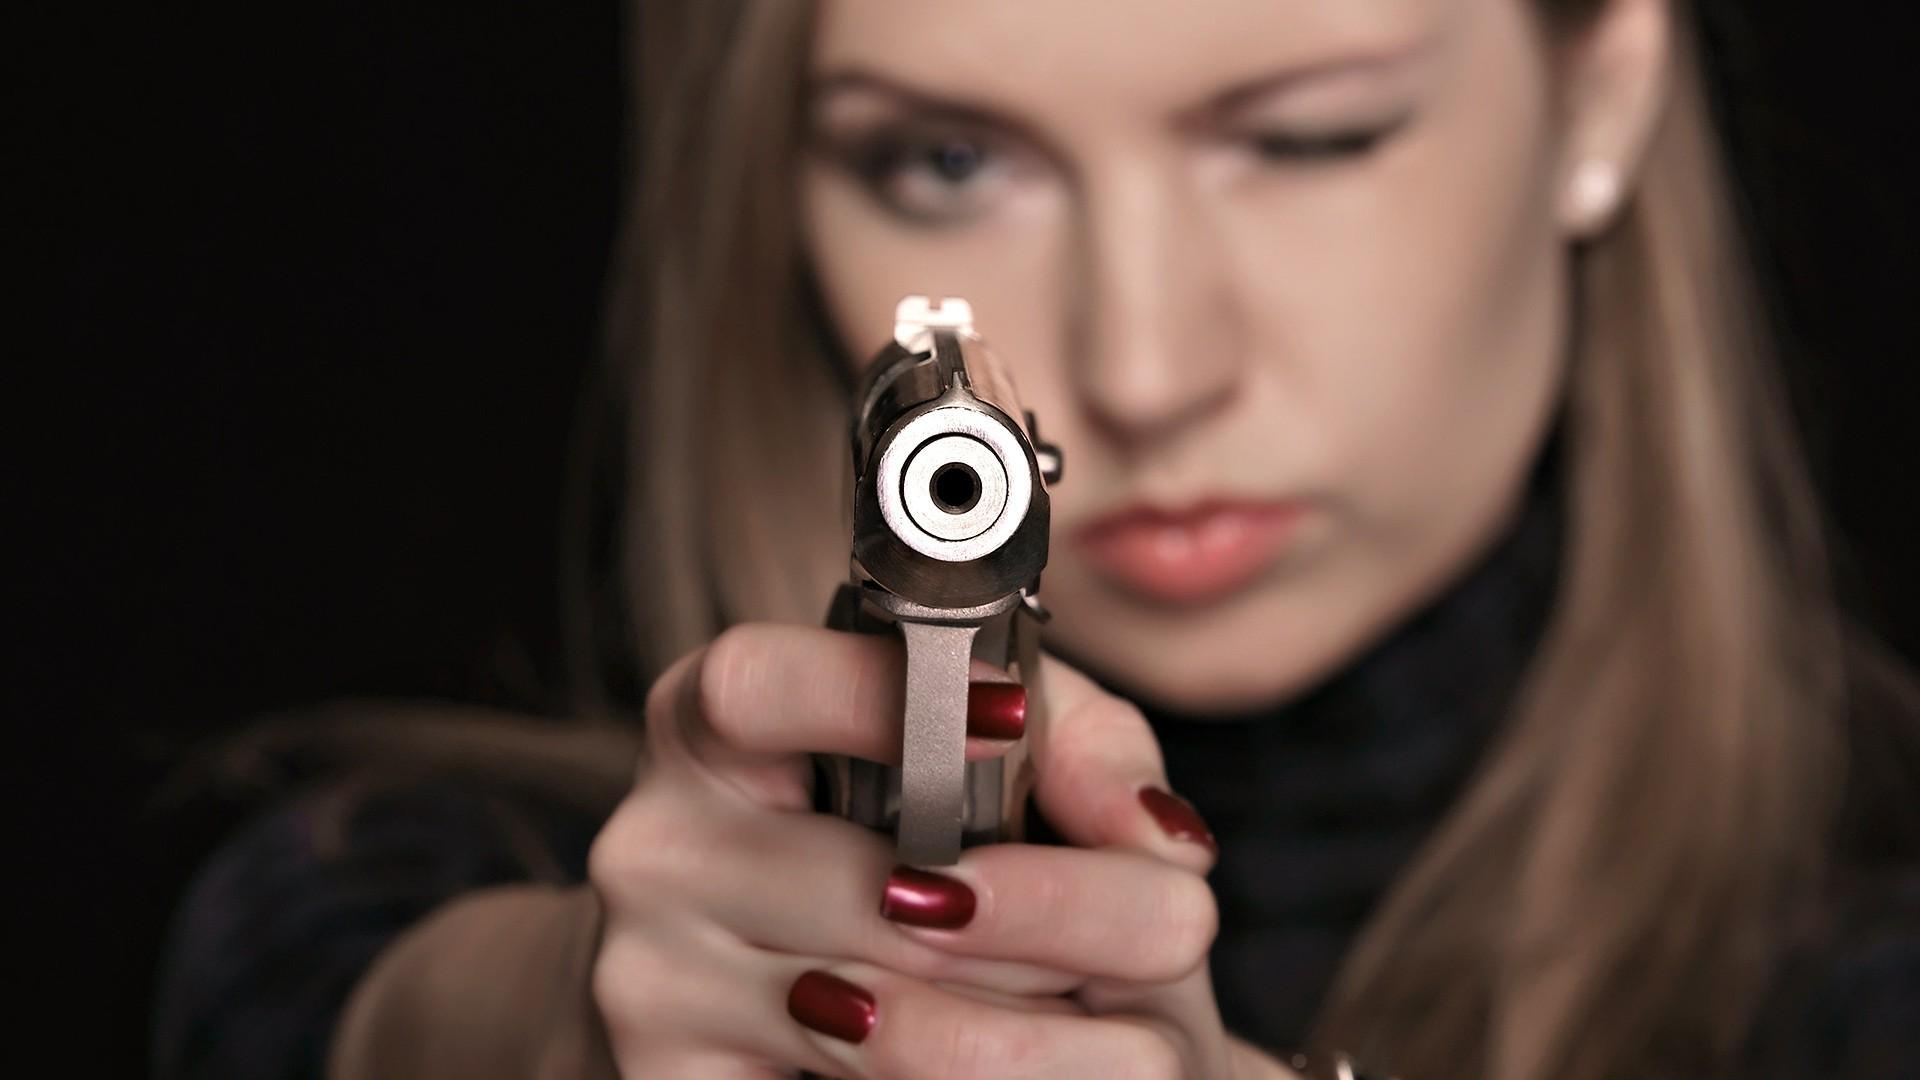 Обои На Телефон Андроид Девушки Оружием